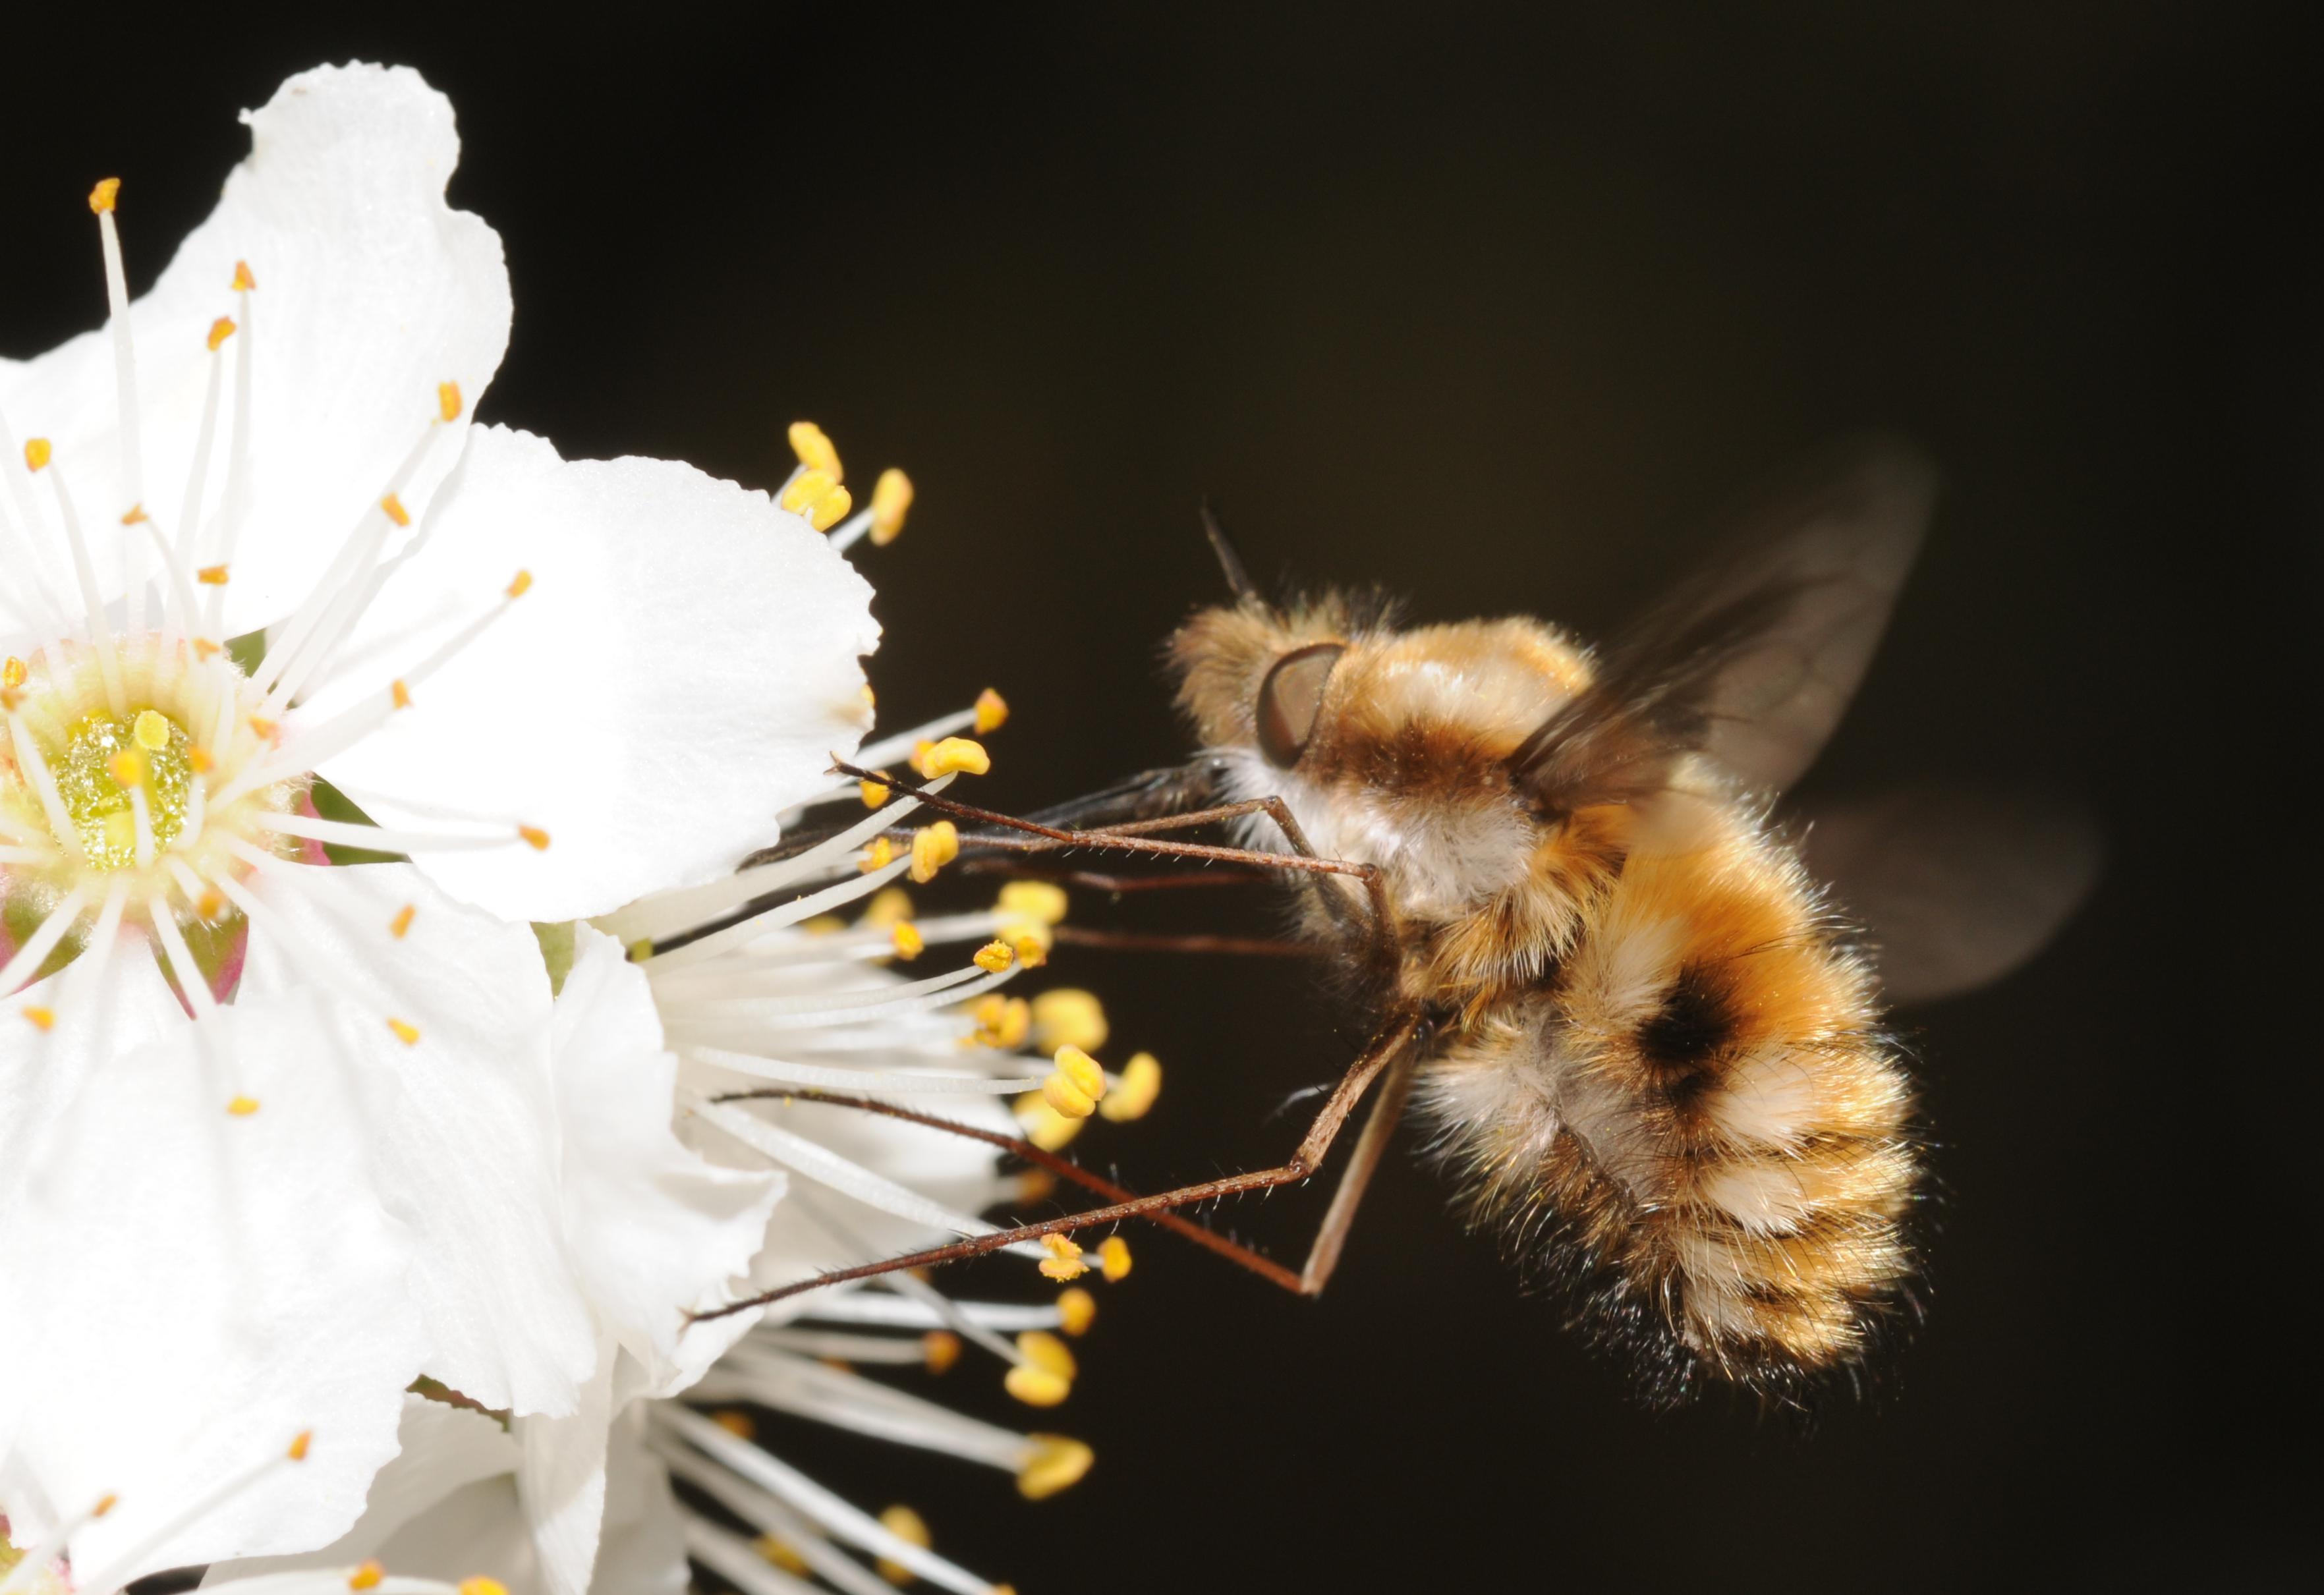 POLLINIS défend tous les pollinisateurs. Ici un bombyle. Photo : Thomas Bresson.